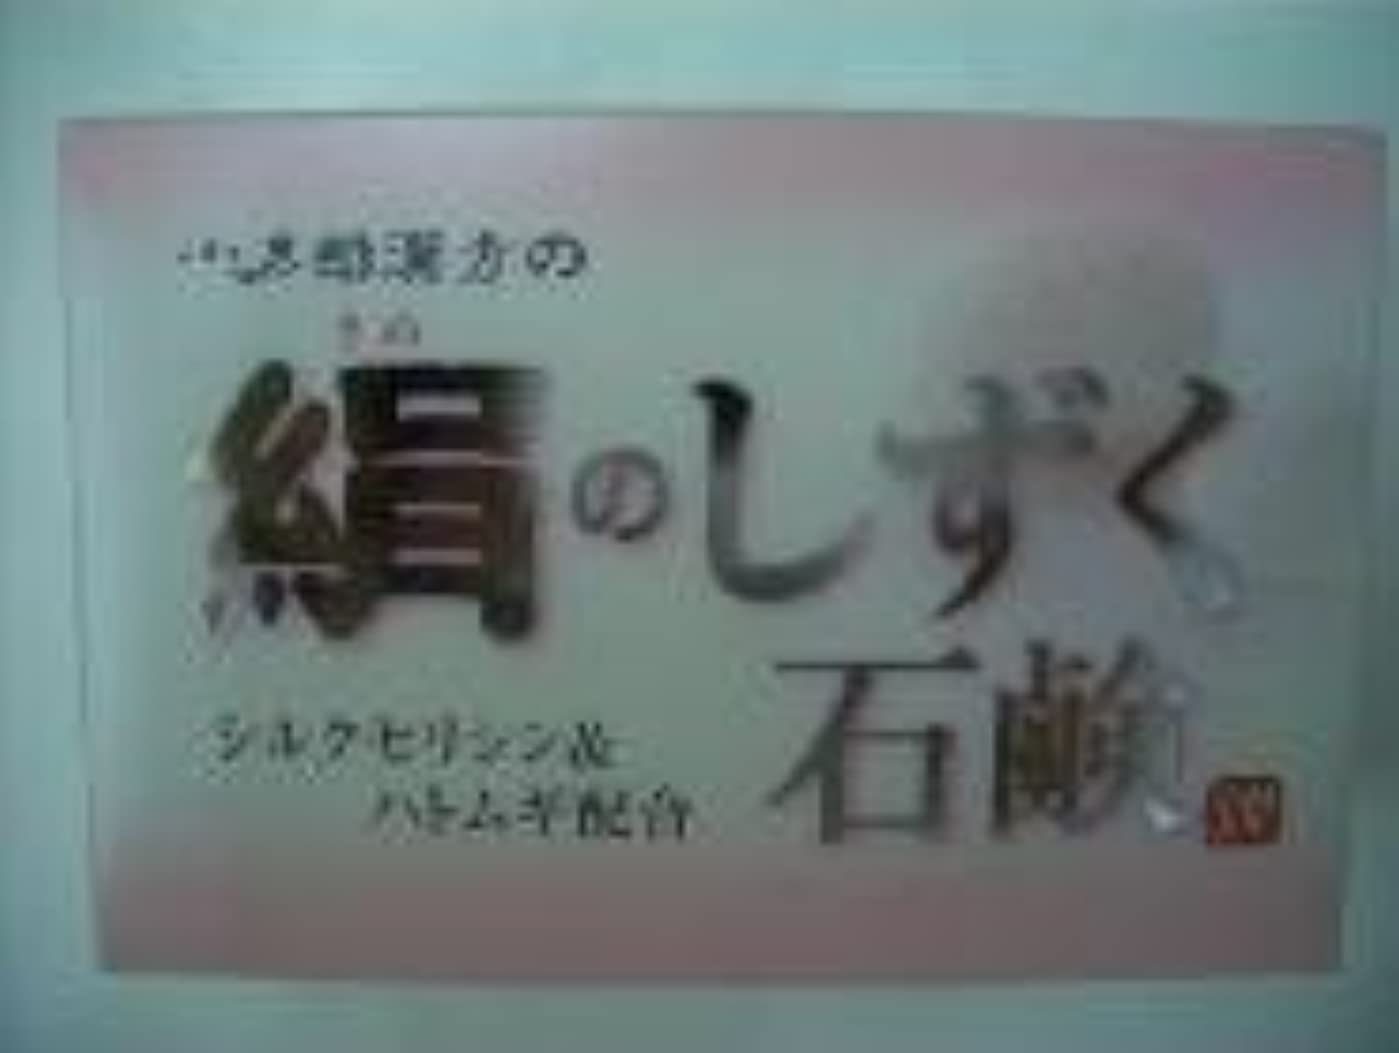 有毒な取り出す習熟度絹のしずく石鹸 コタロー80g12個 +240g進呈